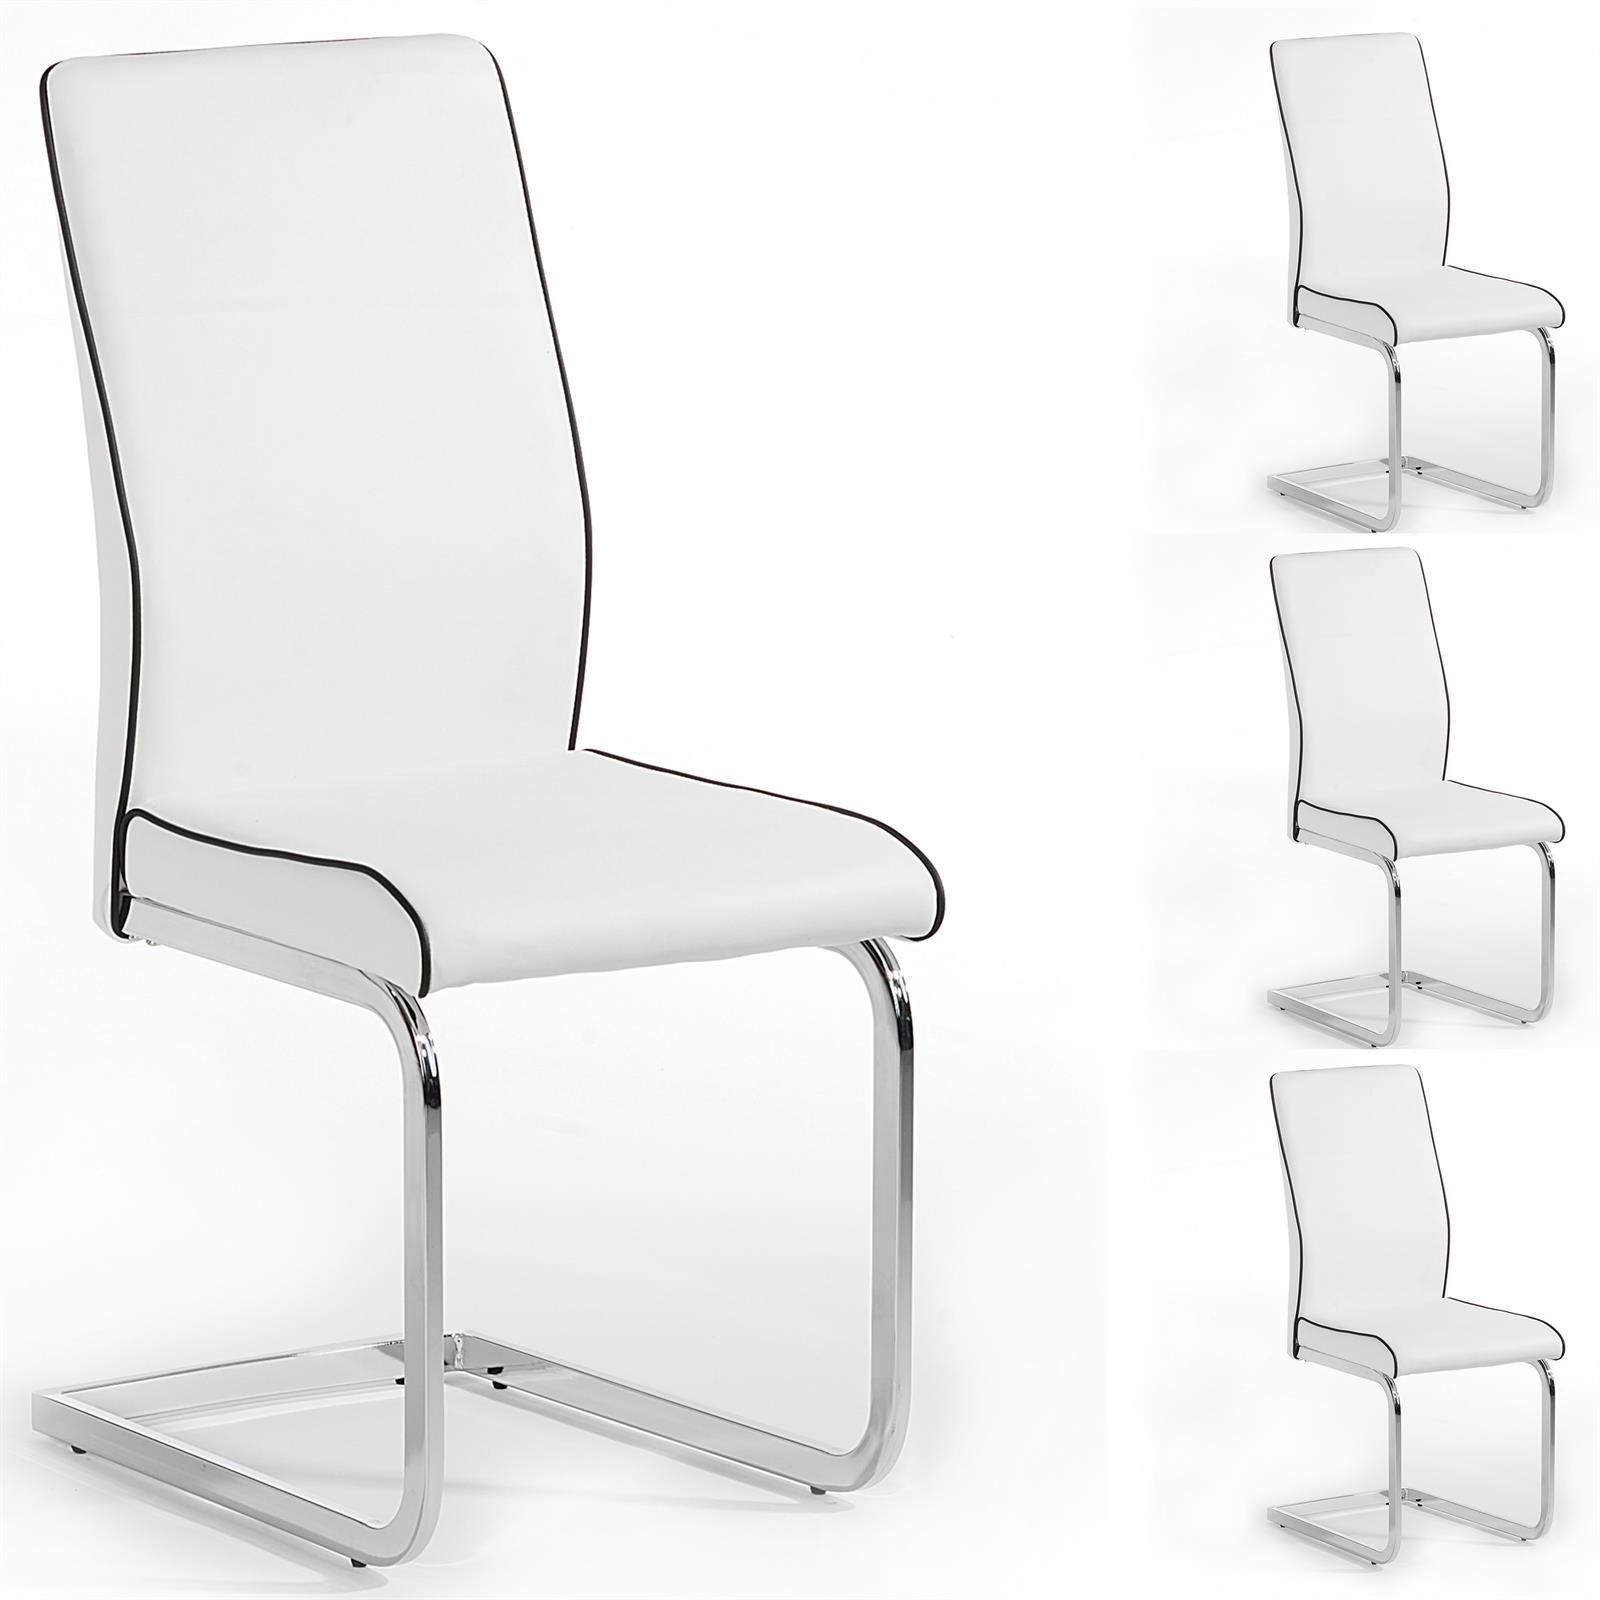 Lot de 4 chaises de salle manger pi tement chrom simili cuir 3 coloris dis - Chaise en cuir a vendre ...